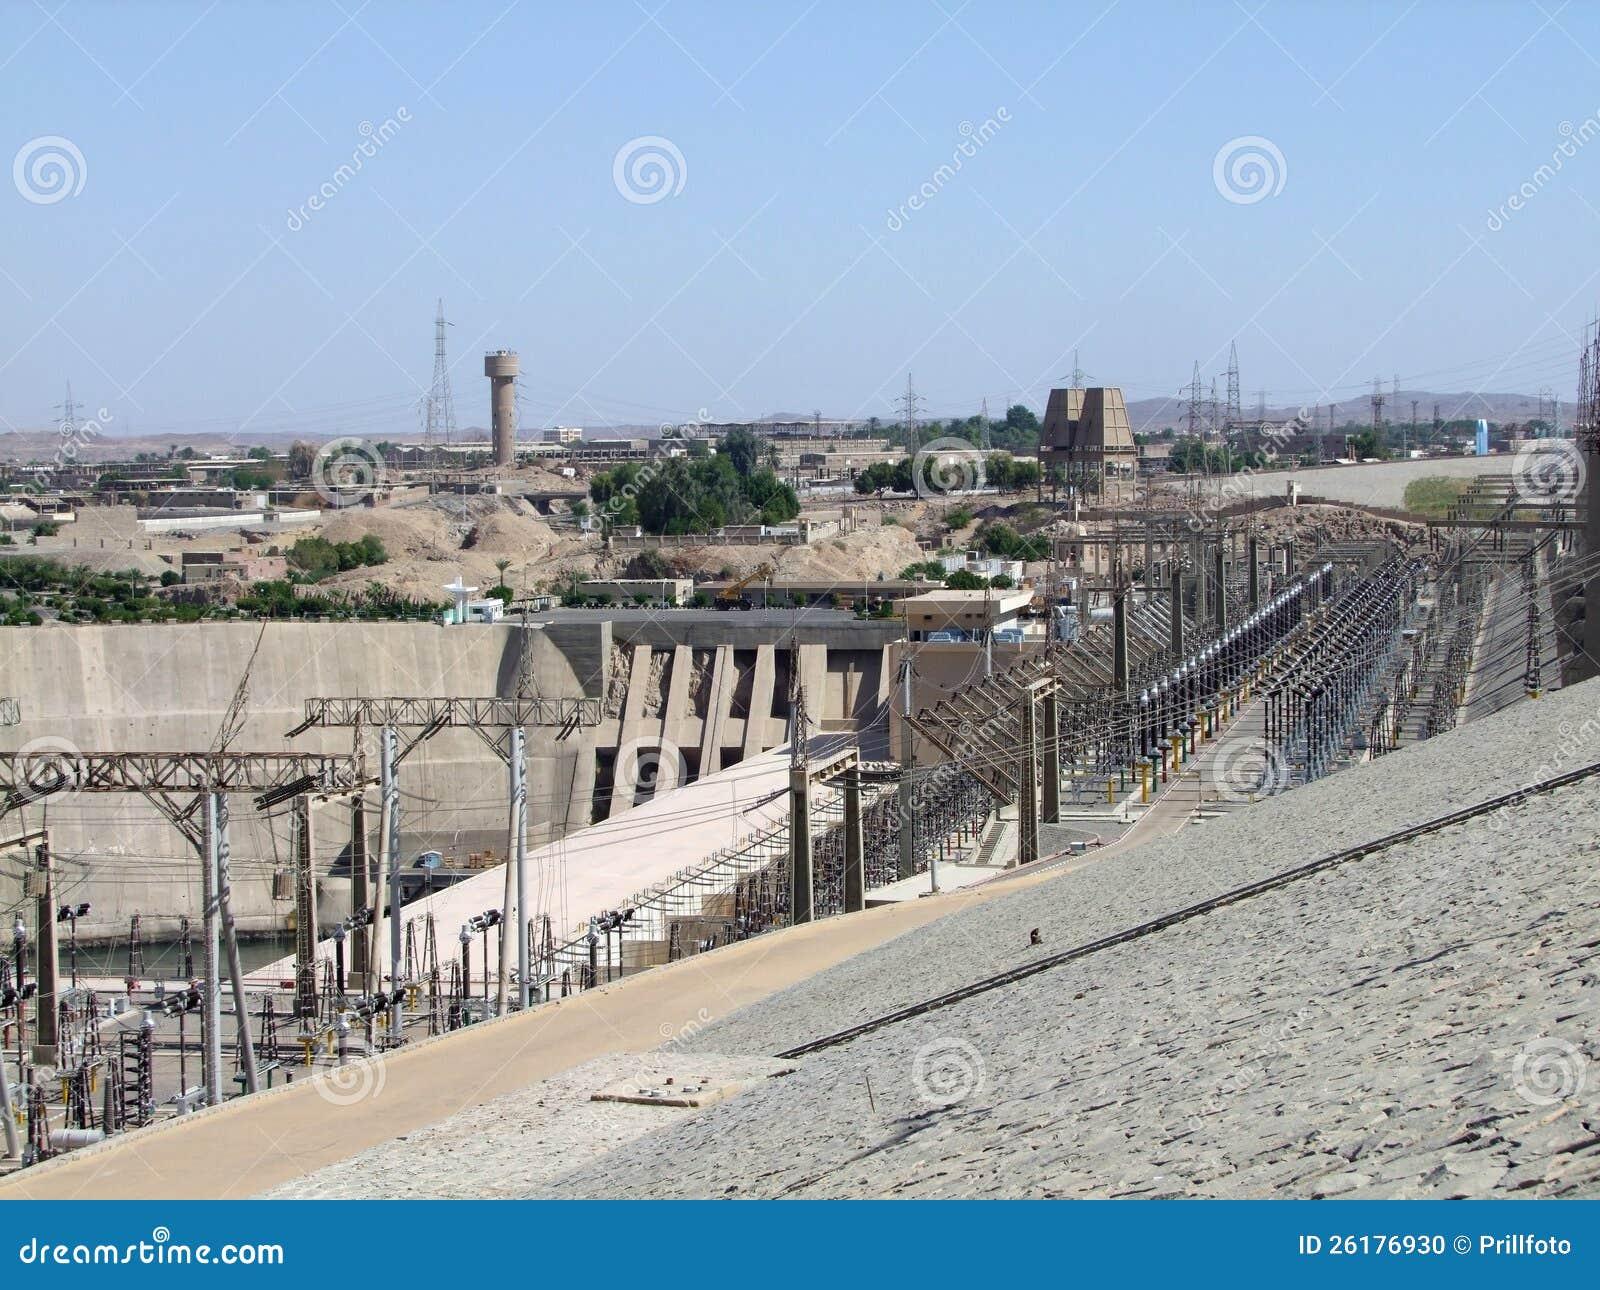 Generating plant in Aswan